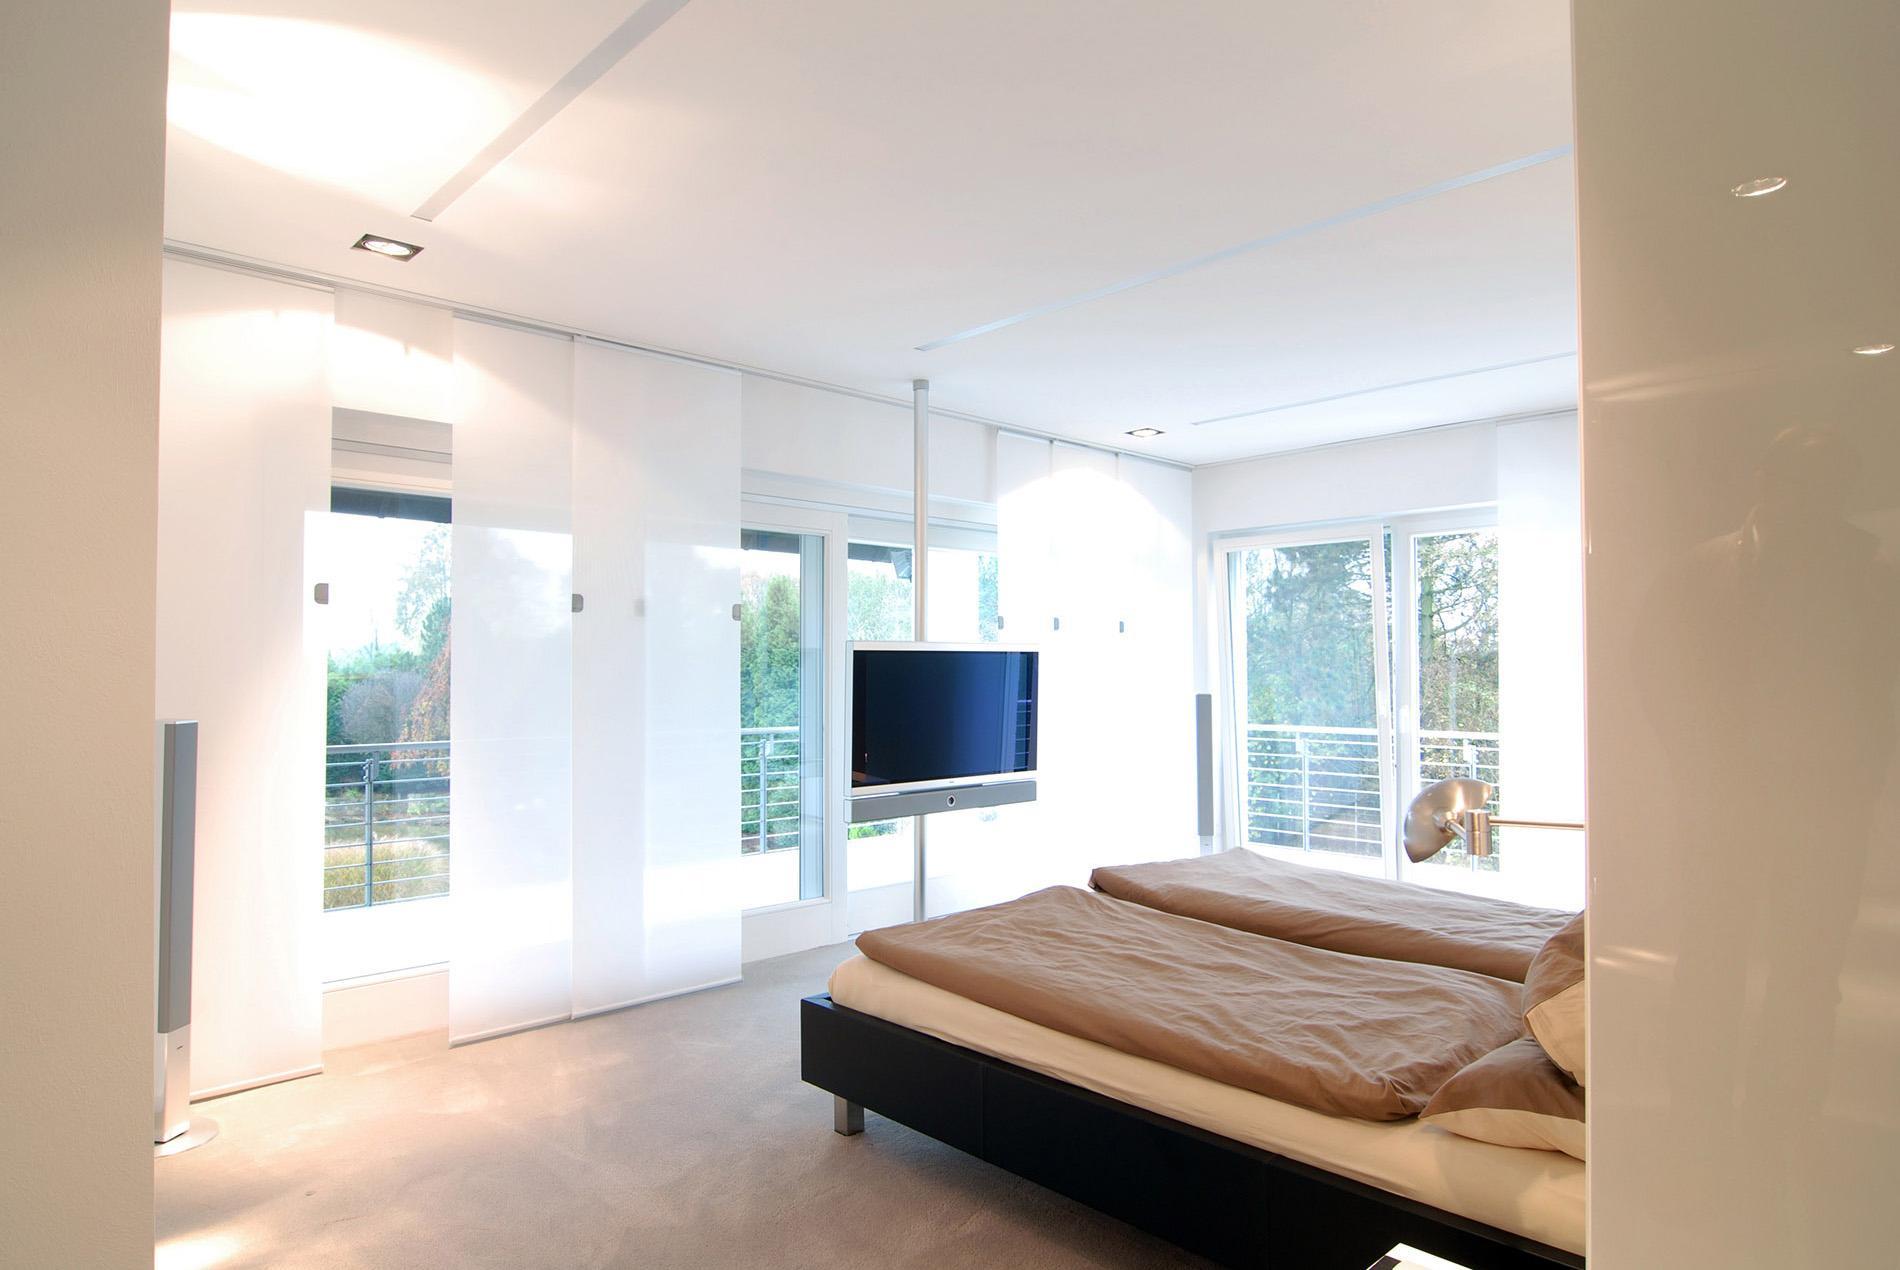 Schlafzimmer Mit Bad En Suite Grundriss